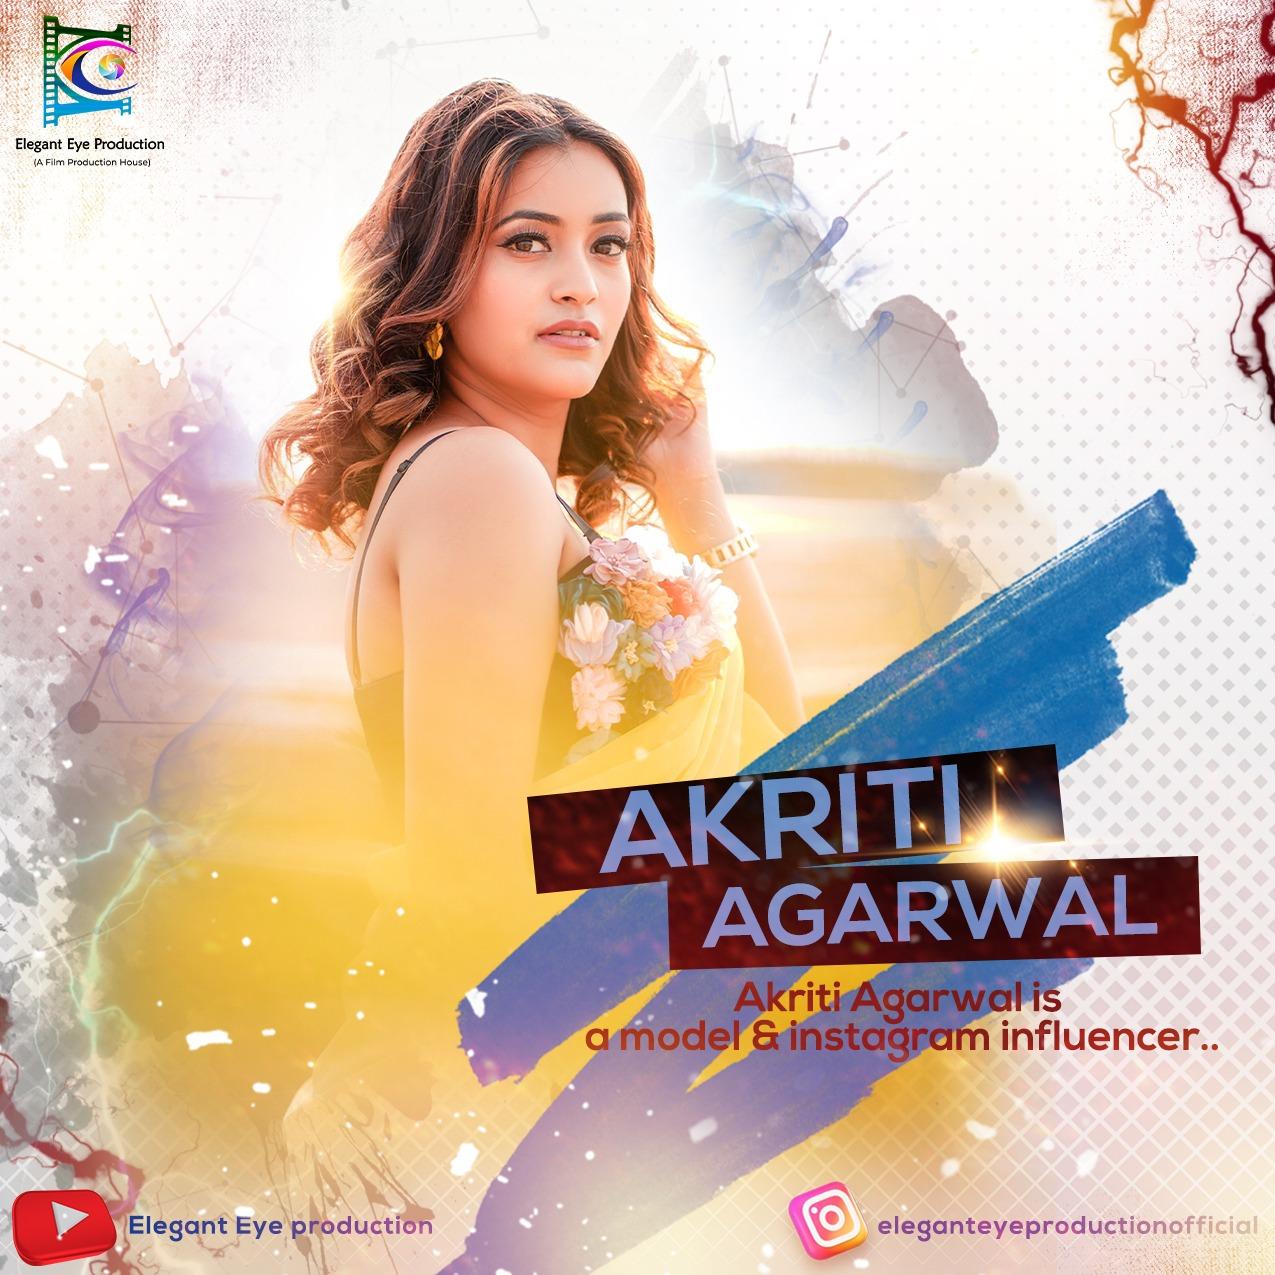 Akriti Agarwal